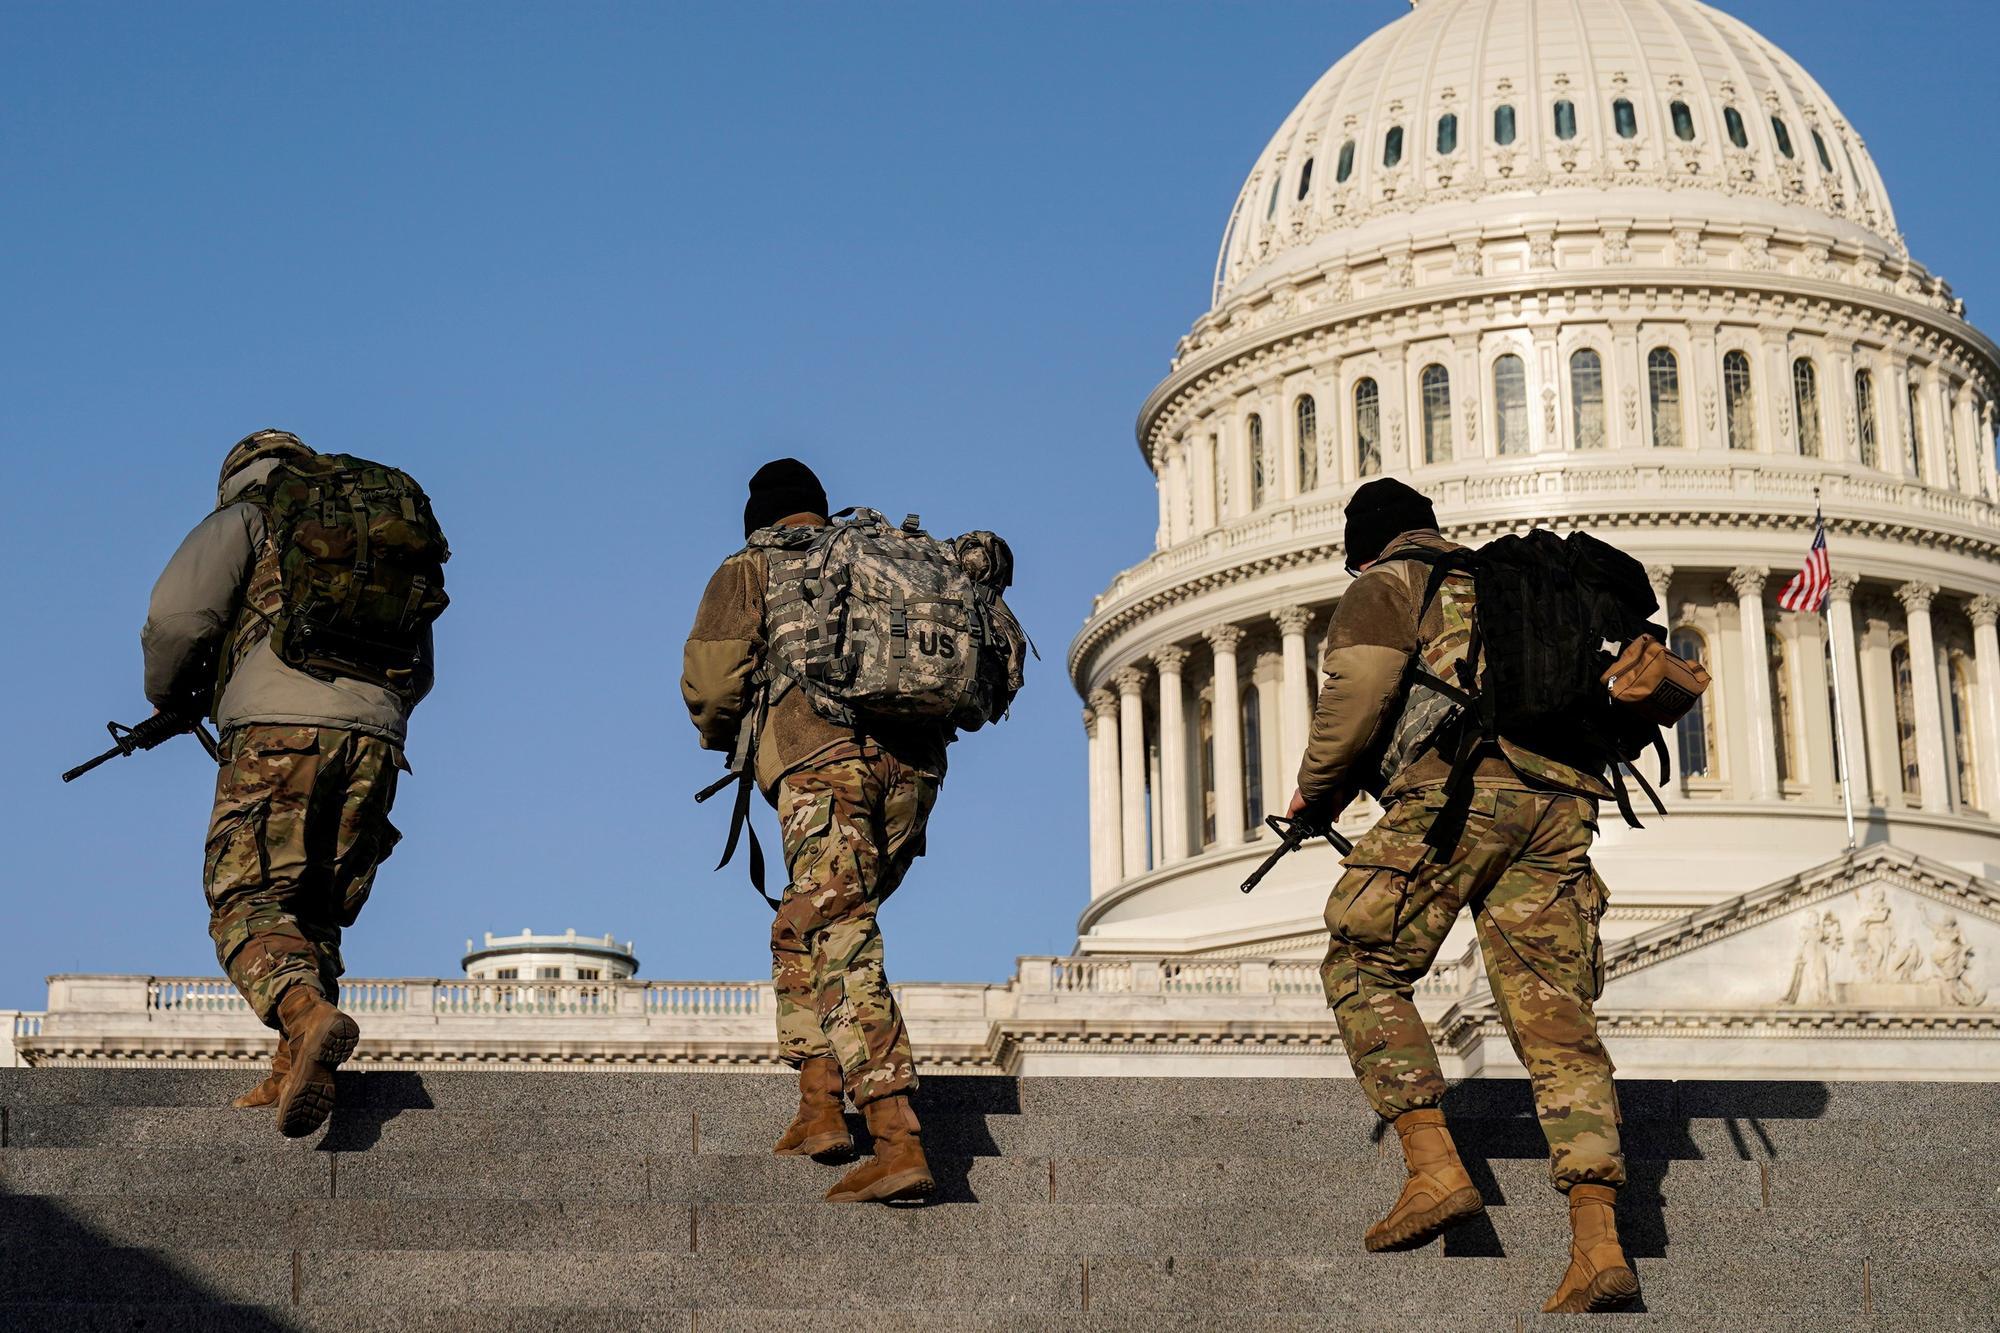 Vigilancia en el Capitolio